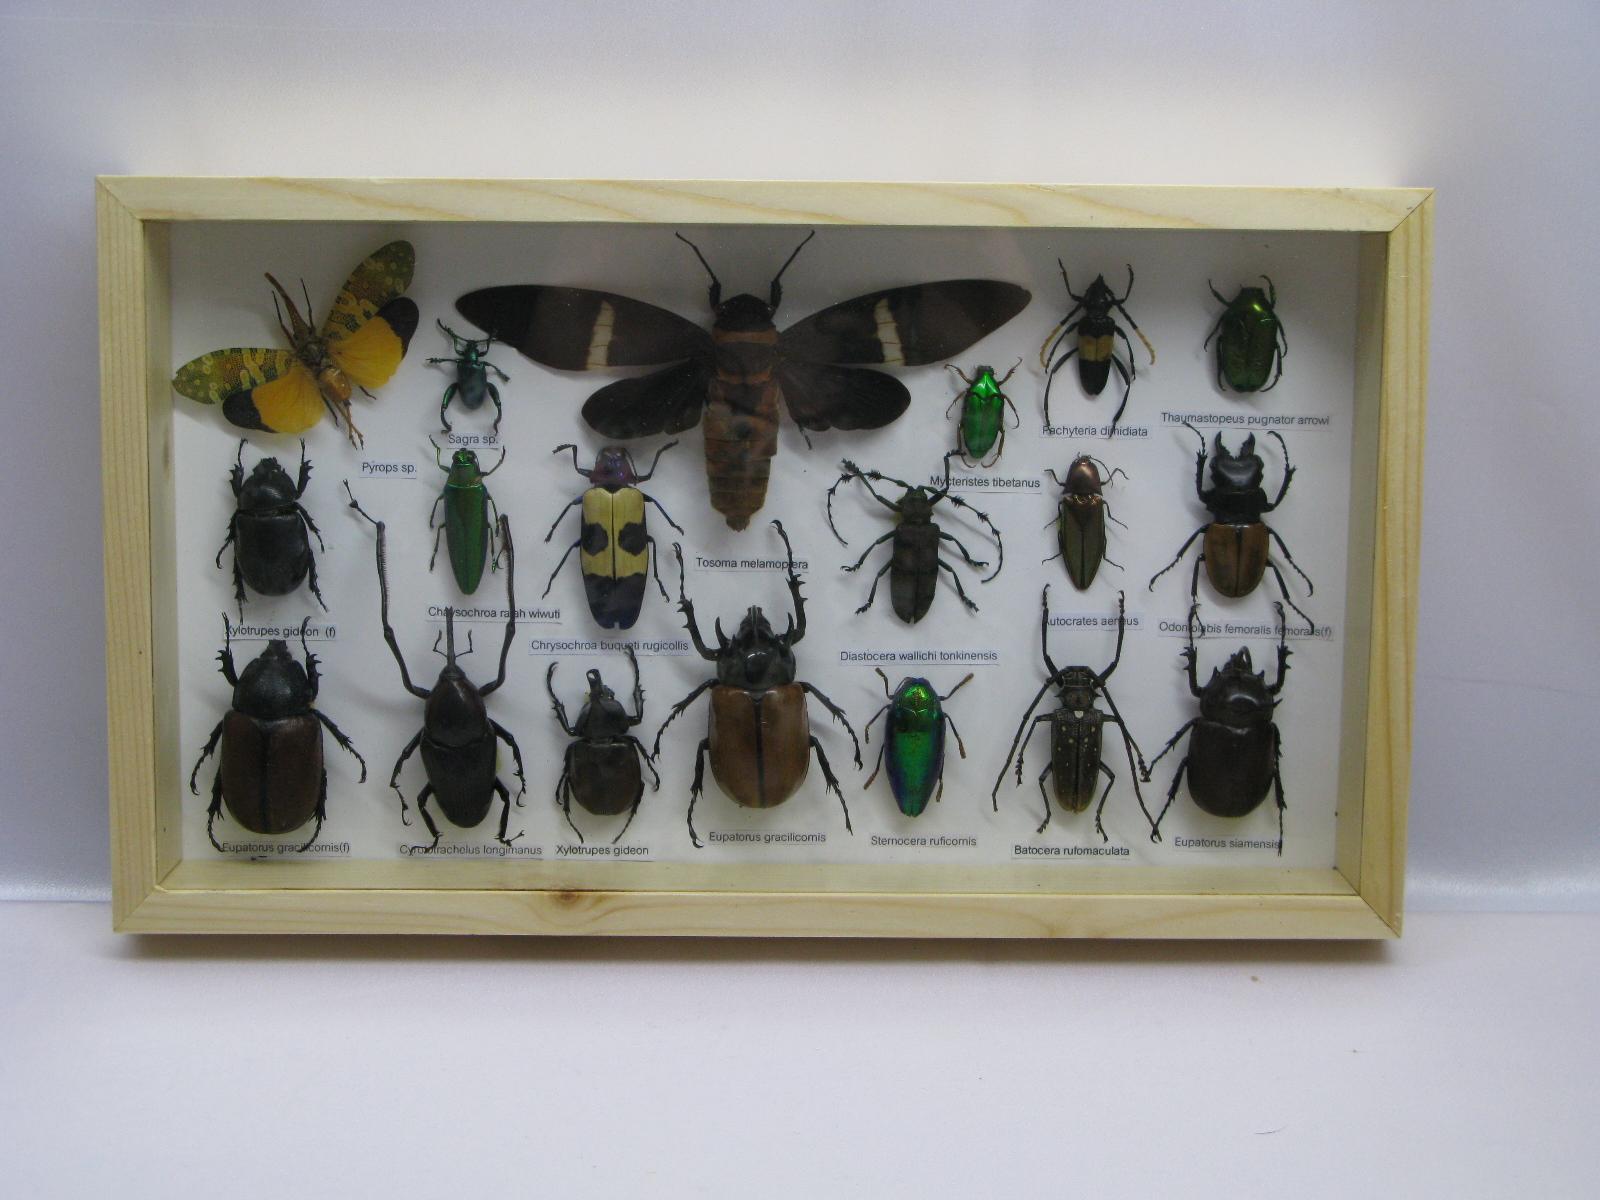 19 echte exotische insekten sehr gro im schaukasten. Black Bedroom Furniture Sets. Home Design Ideas